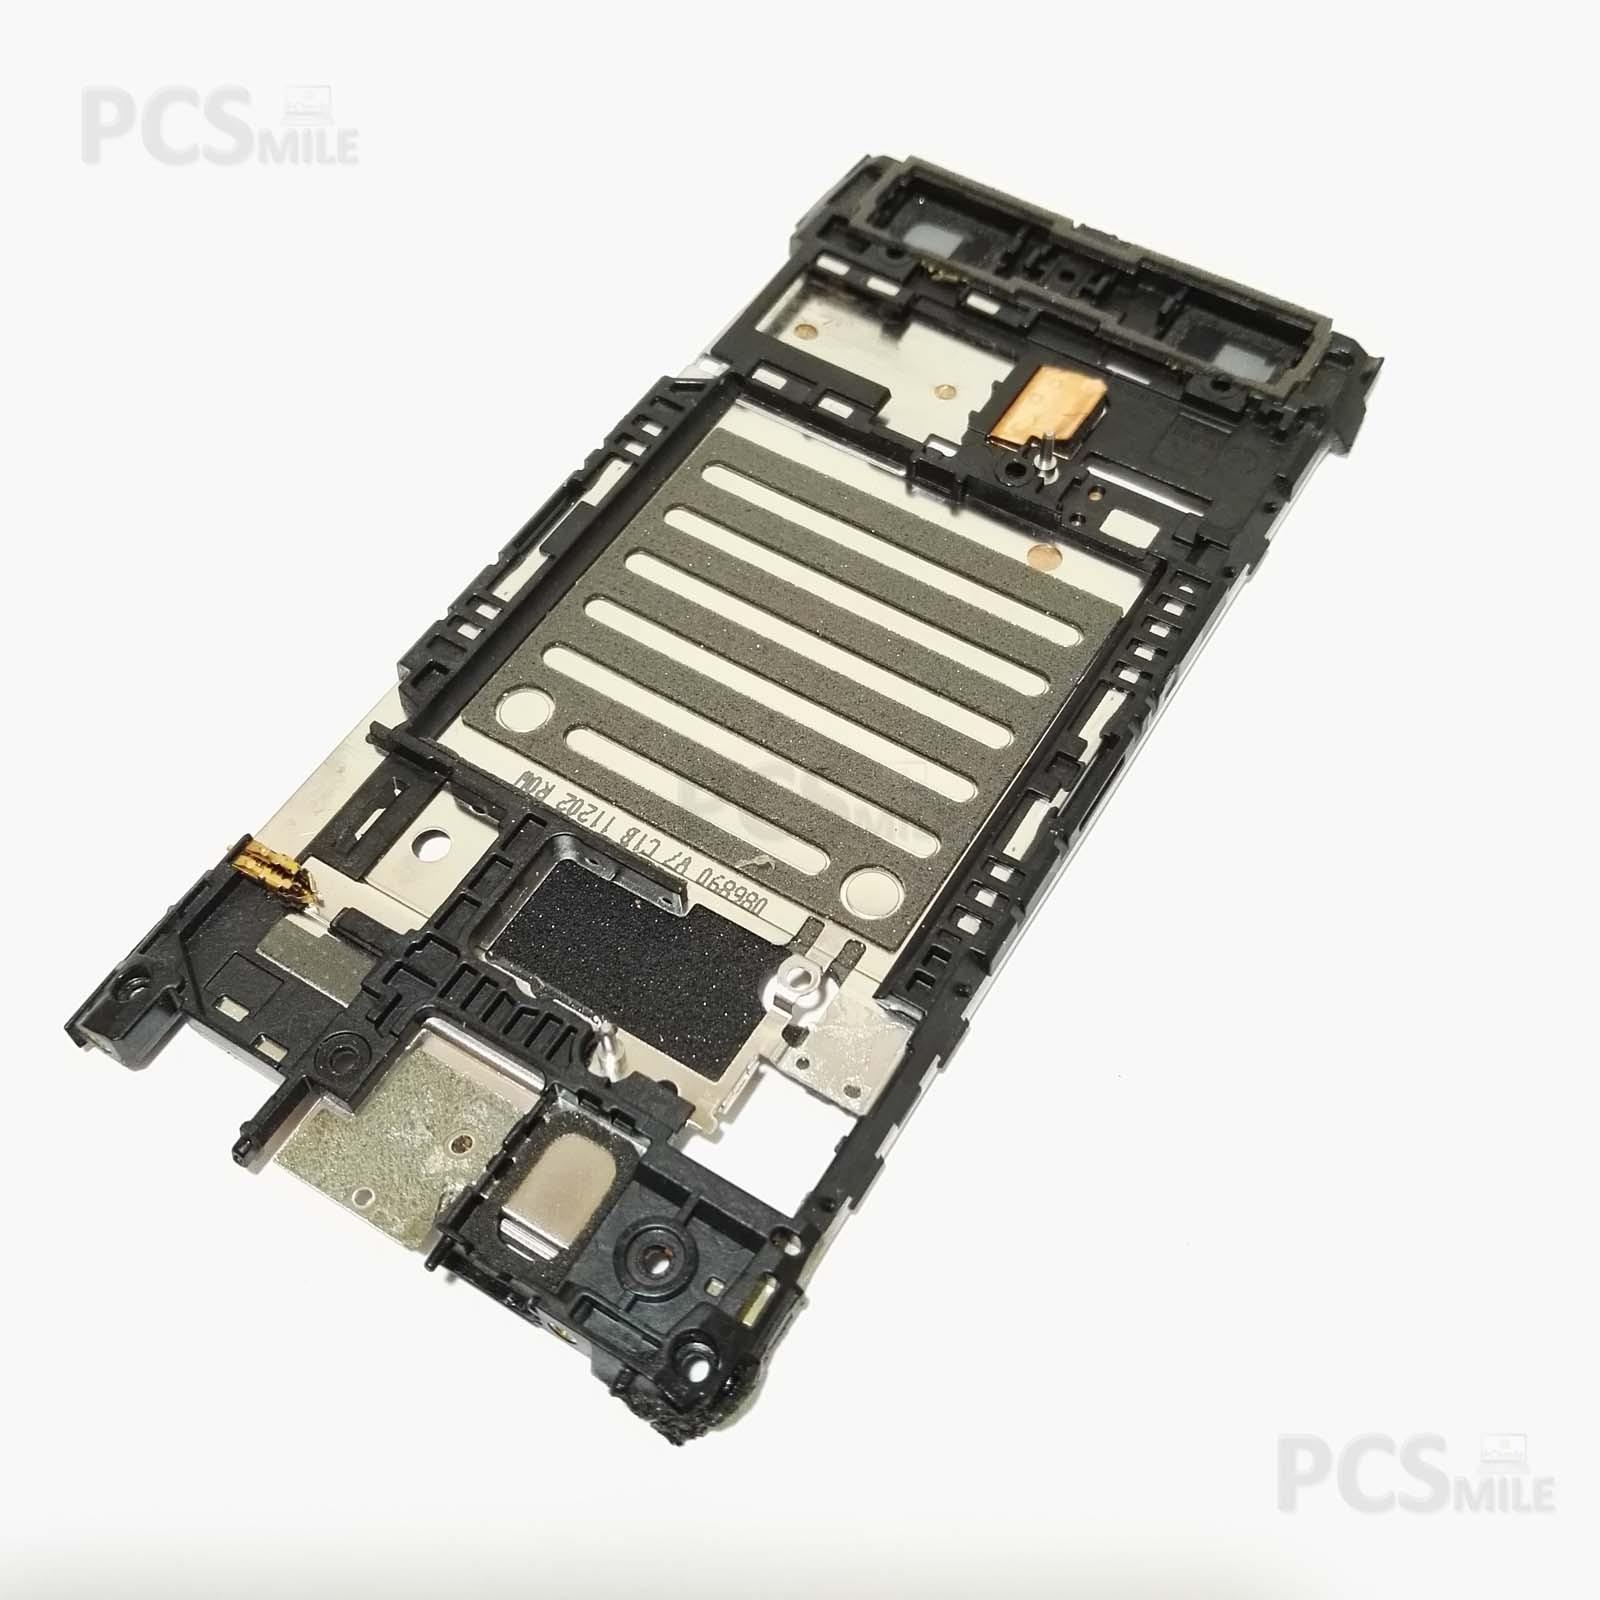 Supporto principale scheda madre fotocamera Nokia X7-00 Telaio interno originale